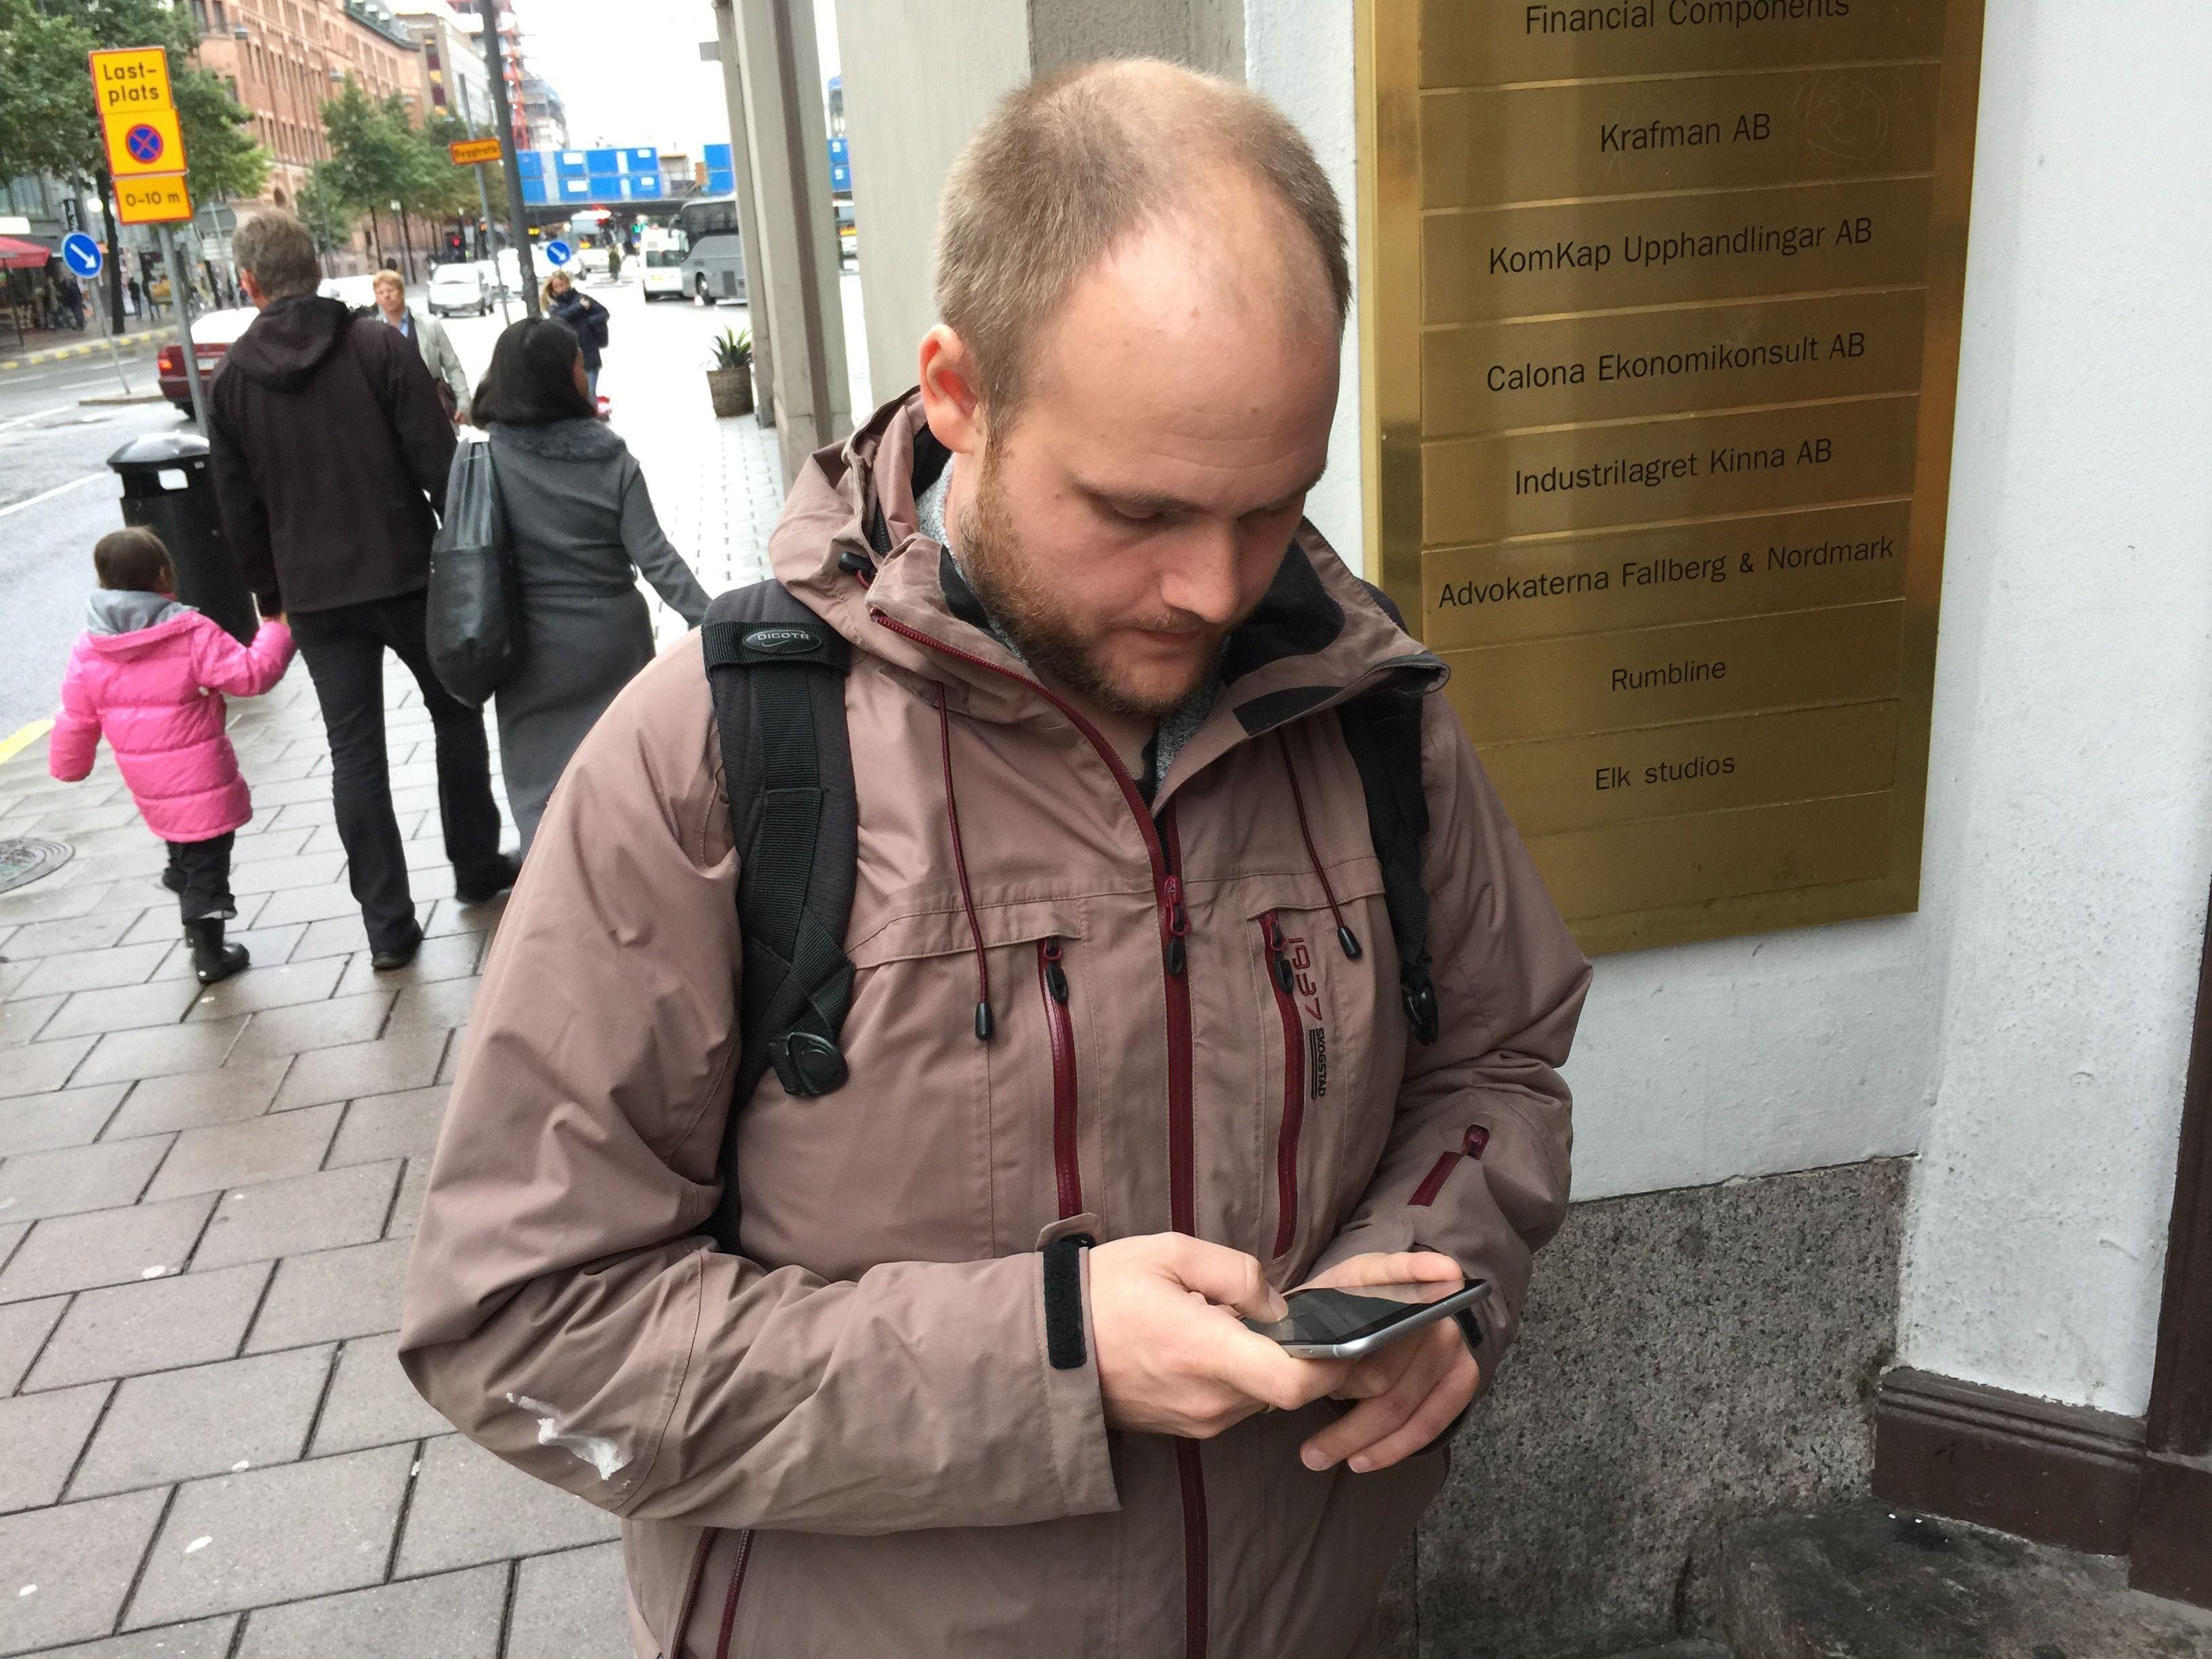 Testbilde iPhone 6 Plus - Marius Valle i Teknisk Ukeblad inspiserer Apples nyeste kreasjon.